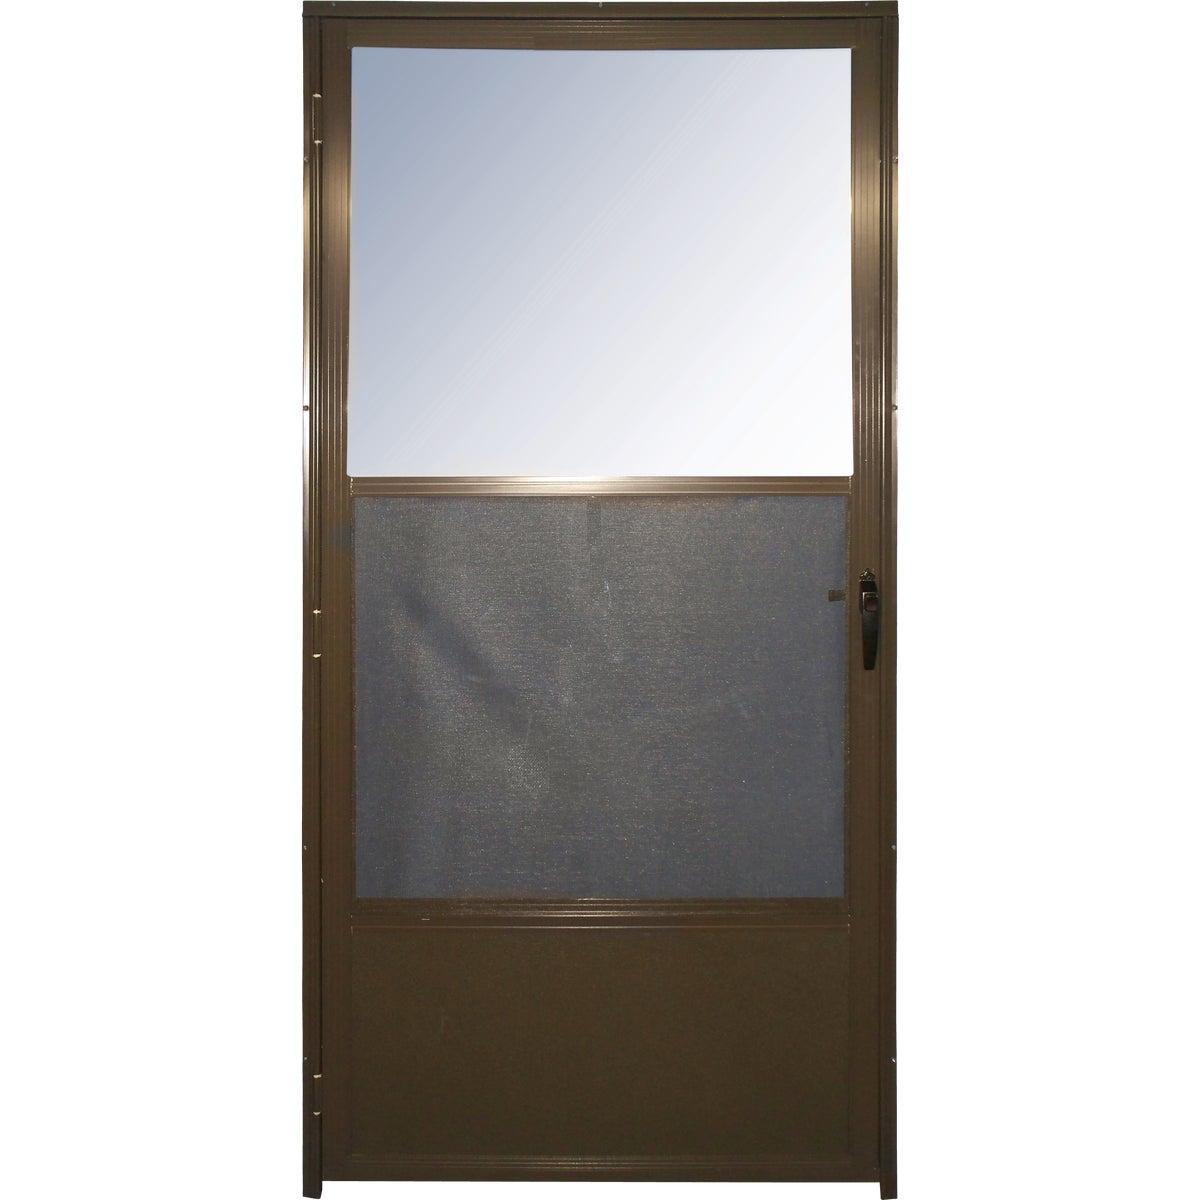 163 2868 RH BRZ DOOR